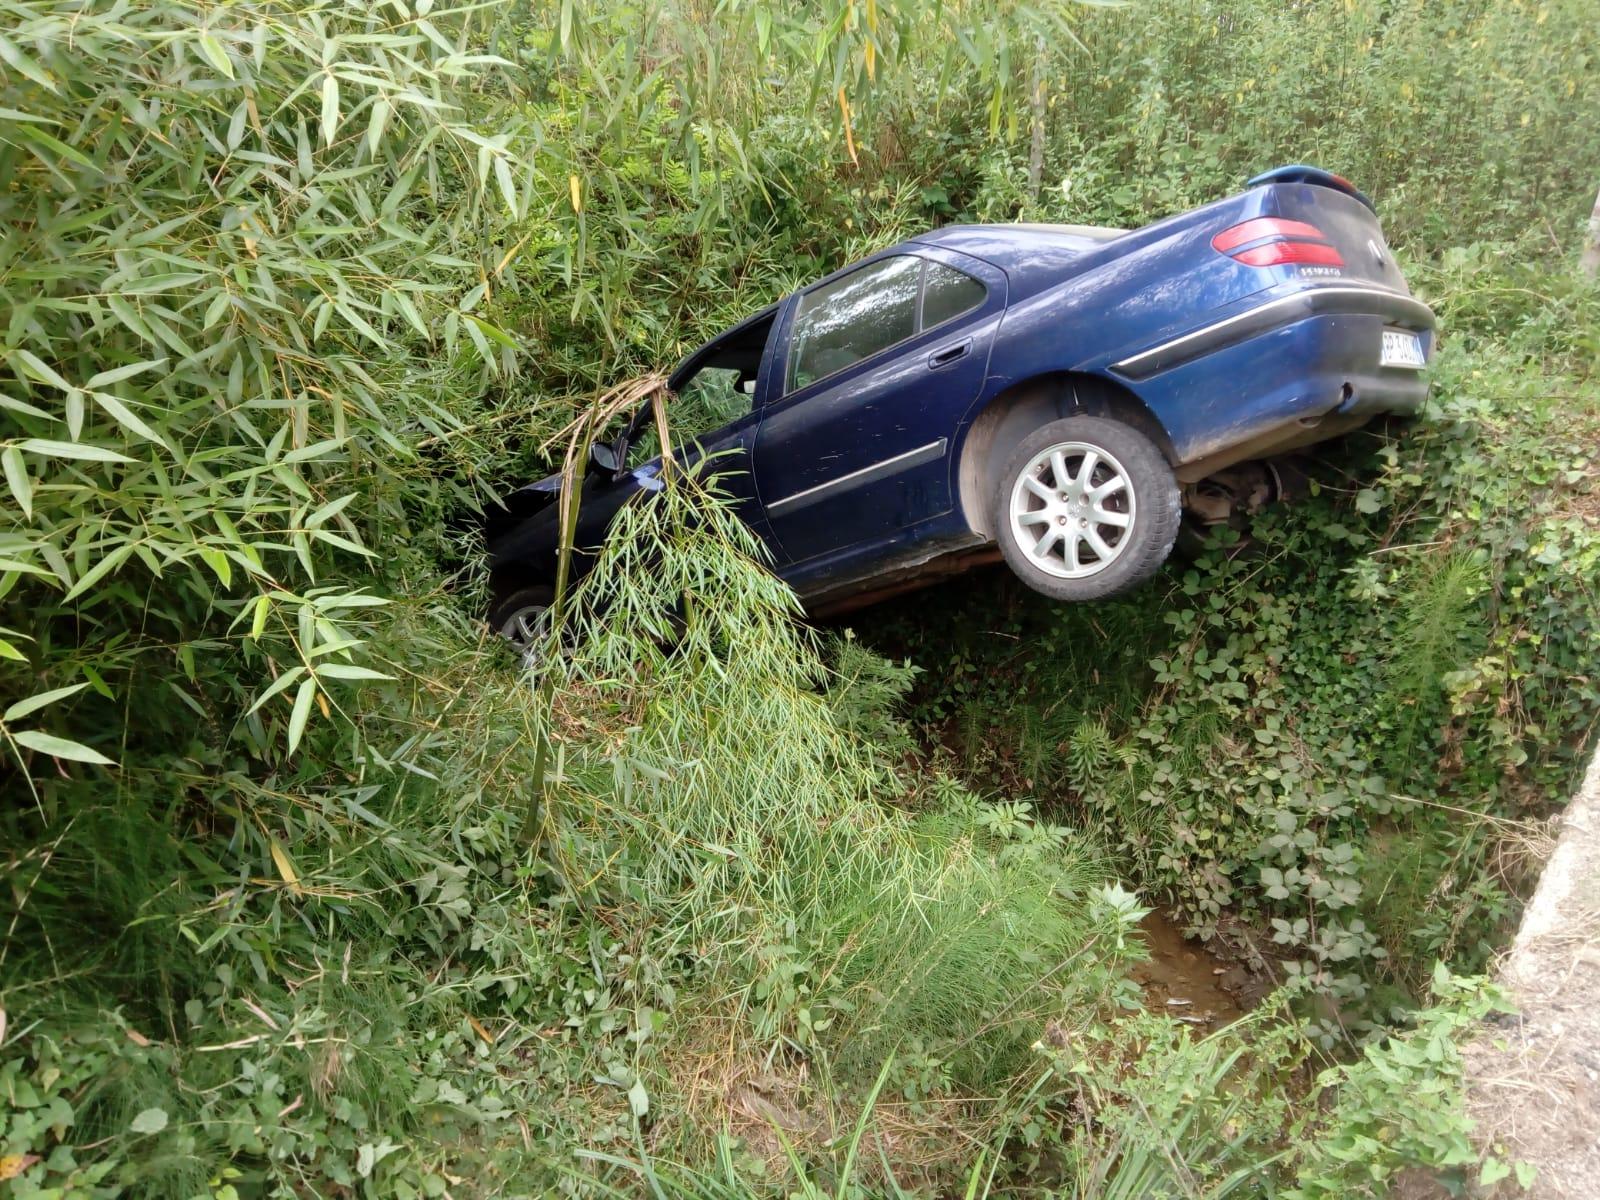 Incidente in provincia di Vibo, giovane finisce con l'auto in una scarpata